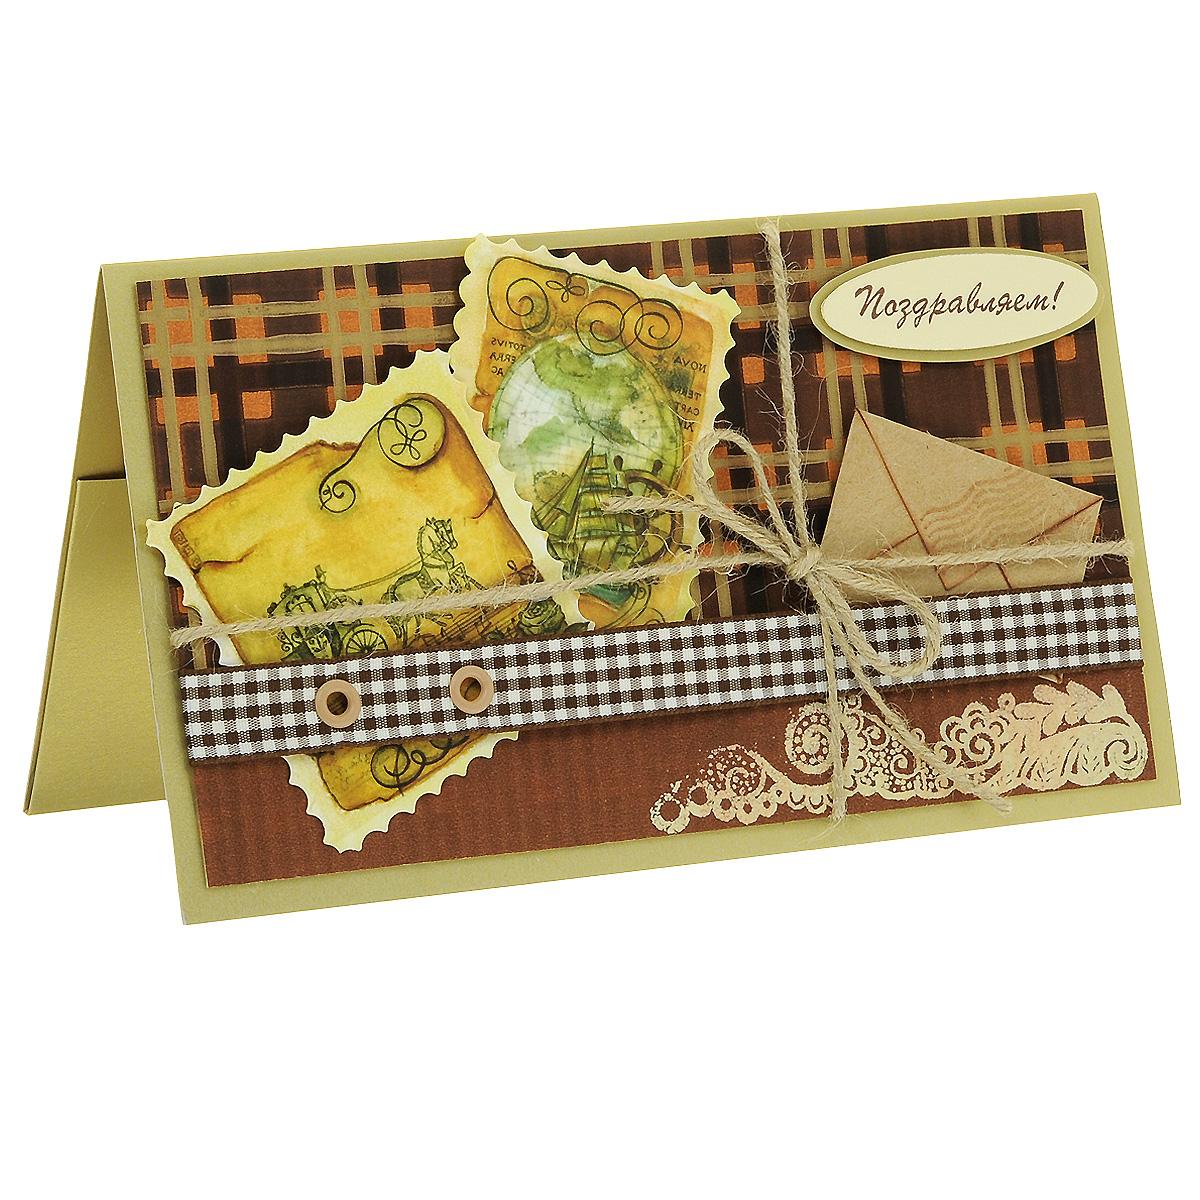 ОМ-0012 Открытка-конверт «Поздравляем!». Студия «Тётя Роза»94966Характеристики: Размер 19 см x 11 см.Материал: Высоко-художественный картон, бумага, декор. Данная открытка может стать как прекрасным дополнением к вашему подарку, так и самостоятельным подарком. Так как открытка является и конвертом, в который вы можете вложить ваш денежный подарок или просто написать ваши пожелания на вкладыше. Яркий поздравительный конверт в коричневой гамме несет в себе идею путешествия. В дизайне использованы разные виды бумаг, льняной шнур, тканая лента и металлические люверсы. Дополнительный элемент - ажурный вензель -выполнен в технике горячего термоподъема. Также открытка упакована в пакетик для сохранности.Обращаем Ваше внимание на то, что открытка может незначительно отличаться от представленной на фото.Открытки ручной работы от студии Тётя Роза отличаются своим неповторимым и ярким стилем. Каждая уникальна и выполнена вручную мастерами студии. (Открытка для мужчин, открытка для женщины, открытка на день рождения, открытка с днем свадьбы, открытка винтаж, открытка с юбилеем, открытка на все случаи, скрапбукинг)